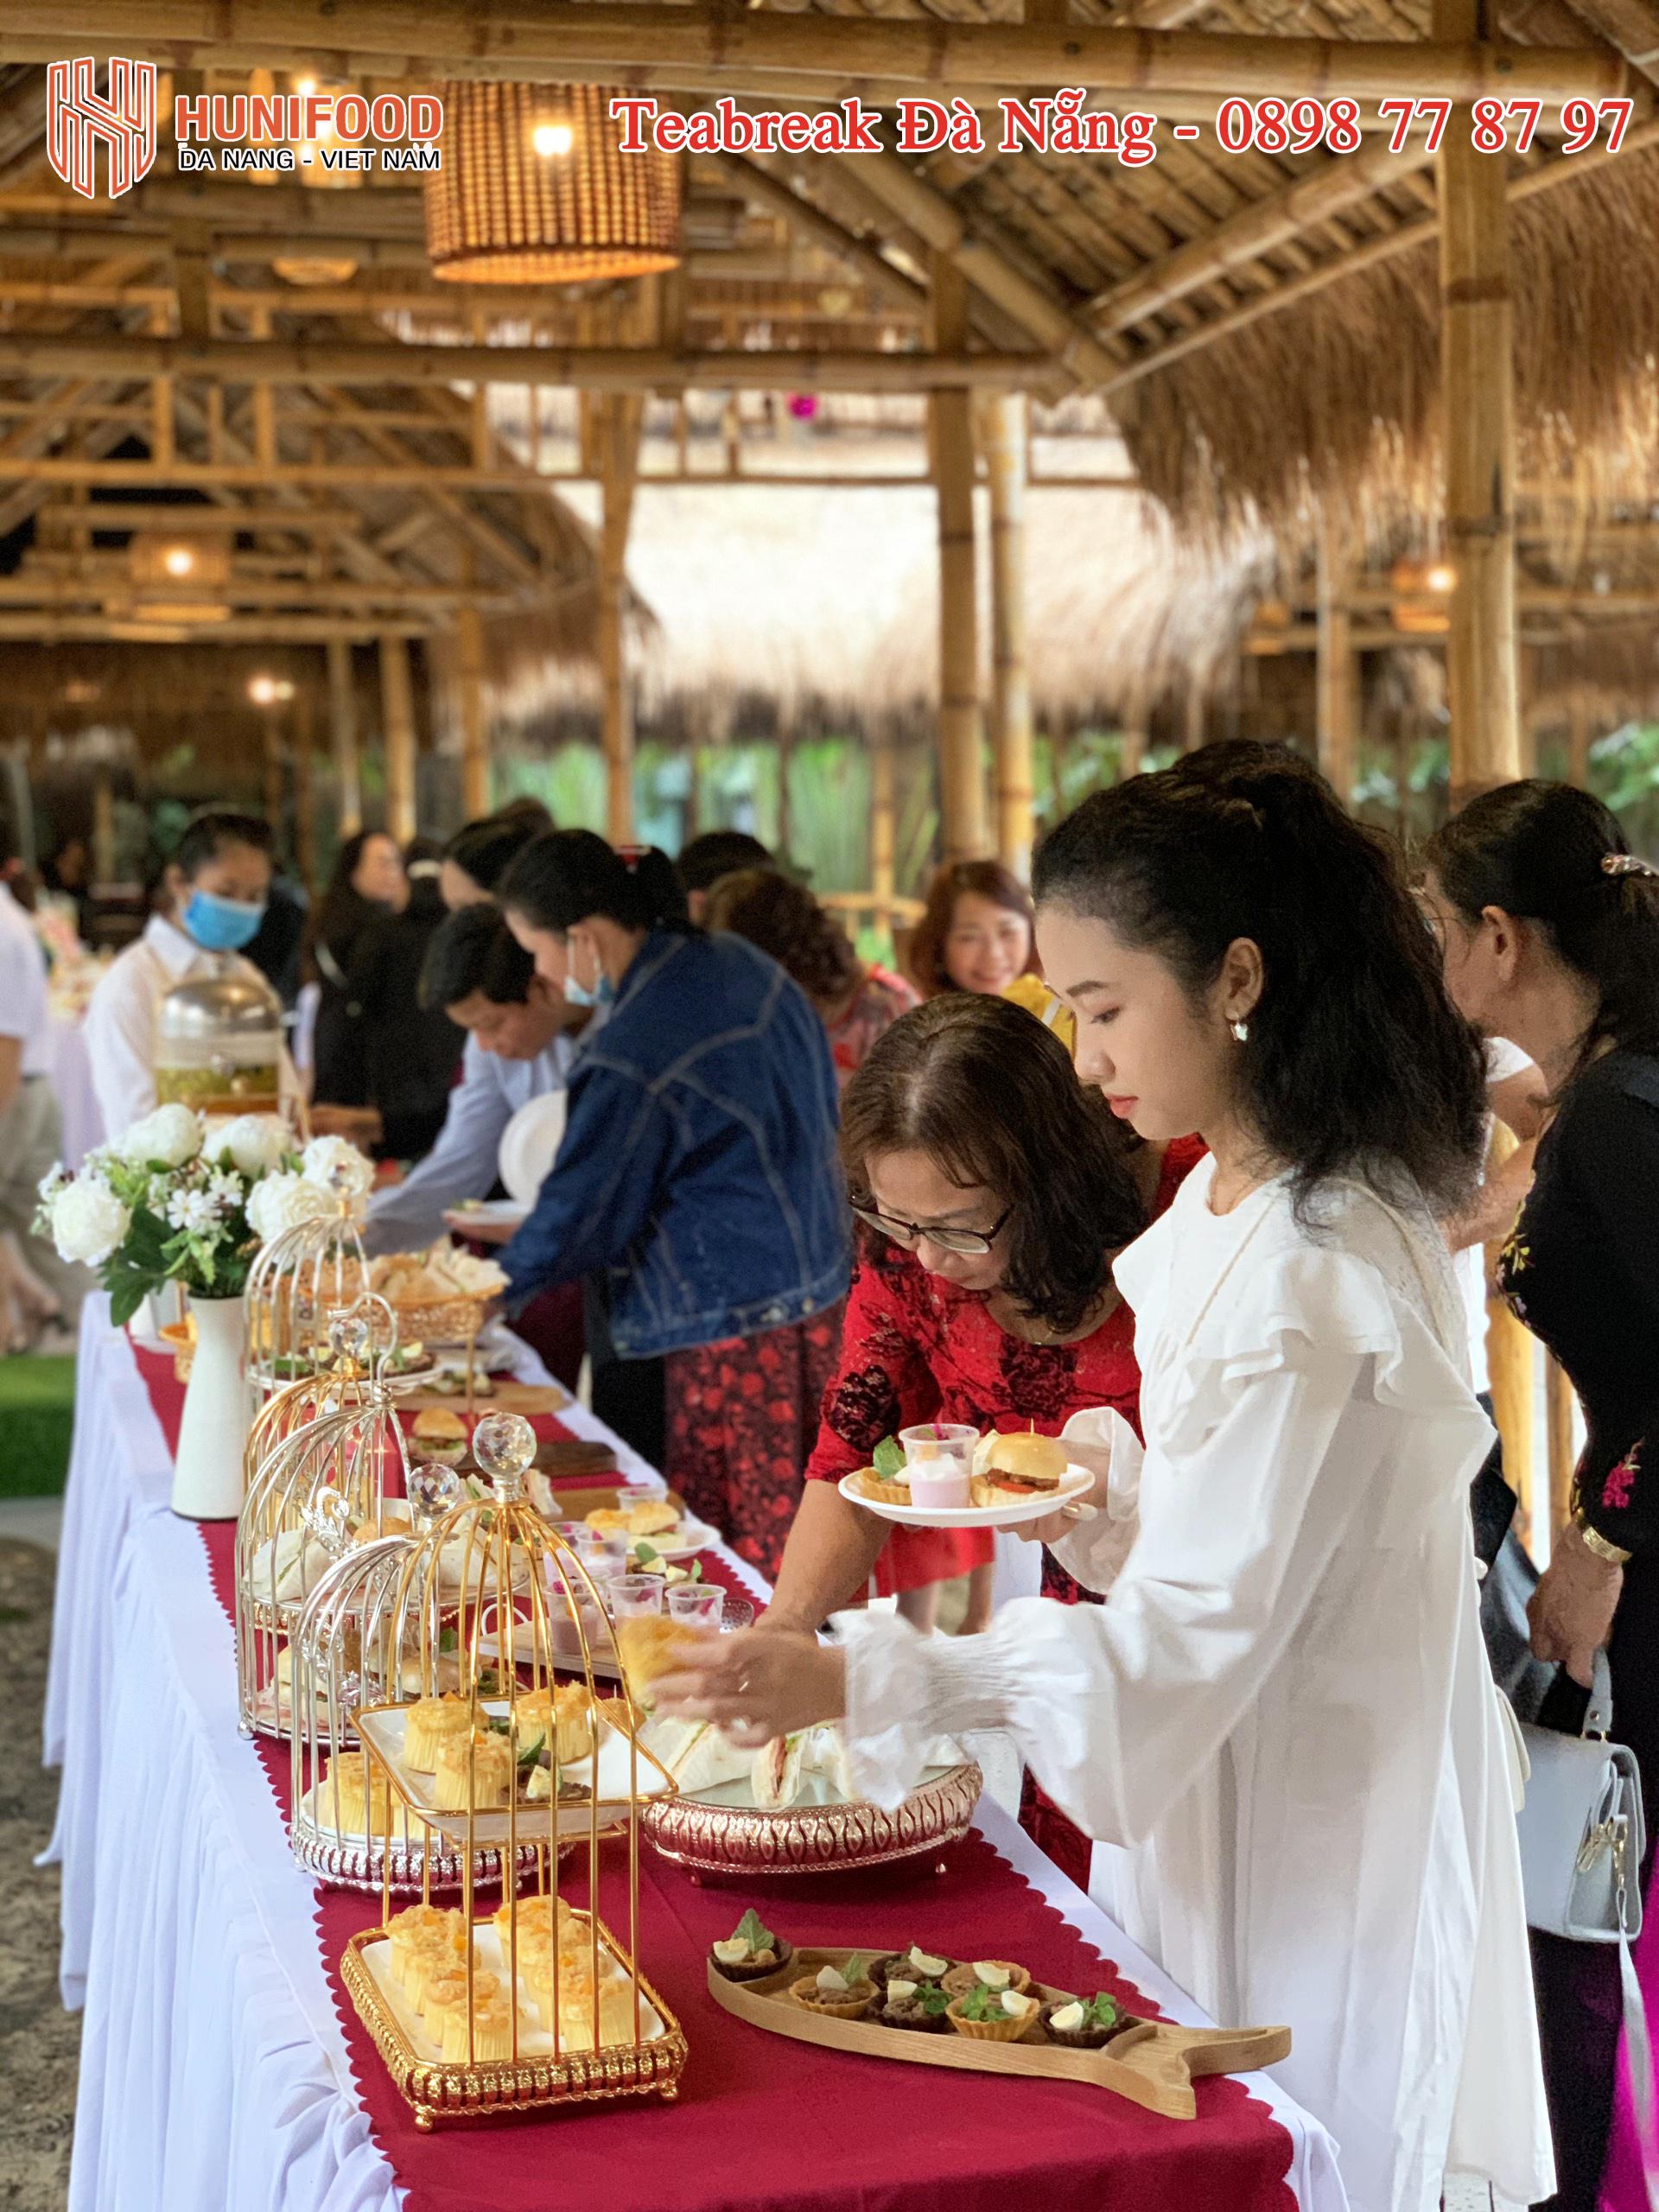 Teabreak Đà Nẵng Giá Rẻ Setup Tận Nơi